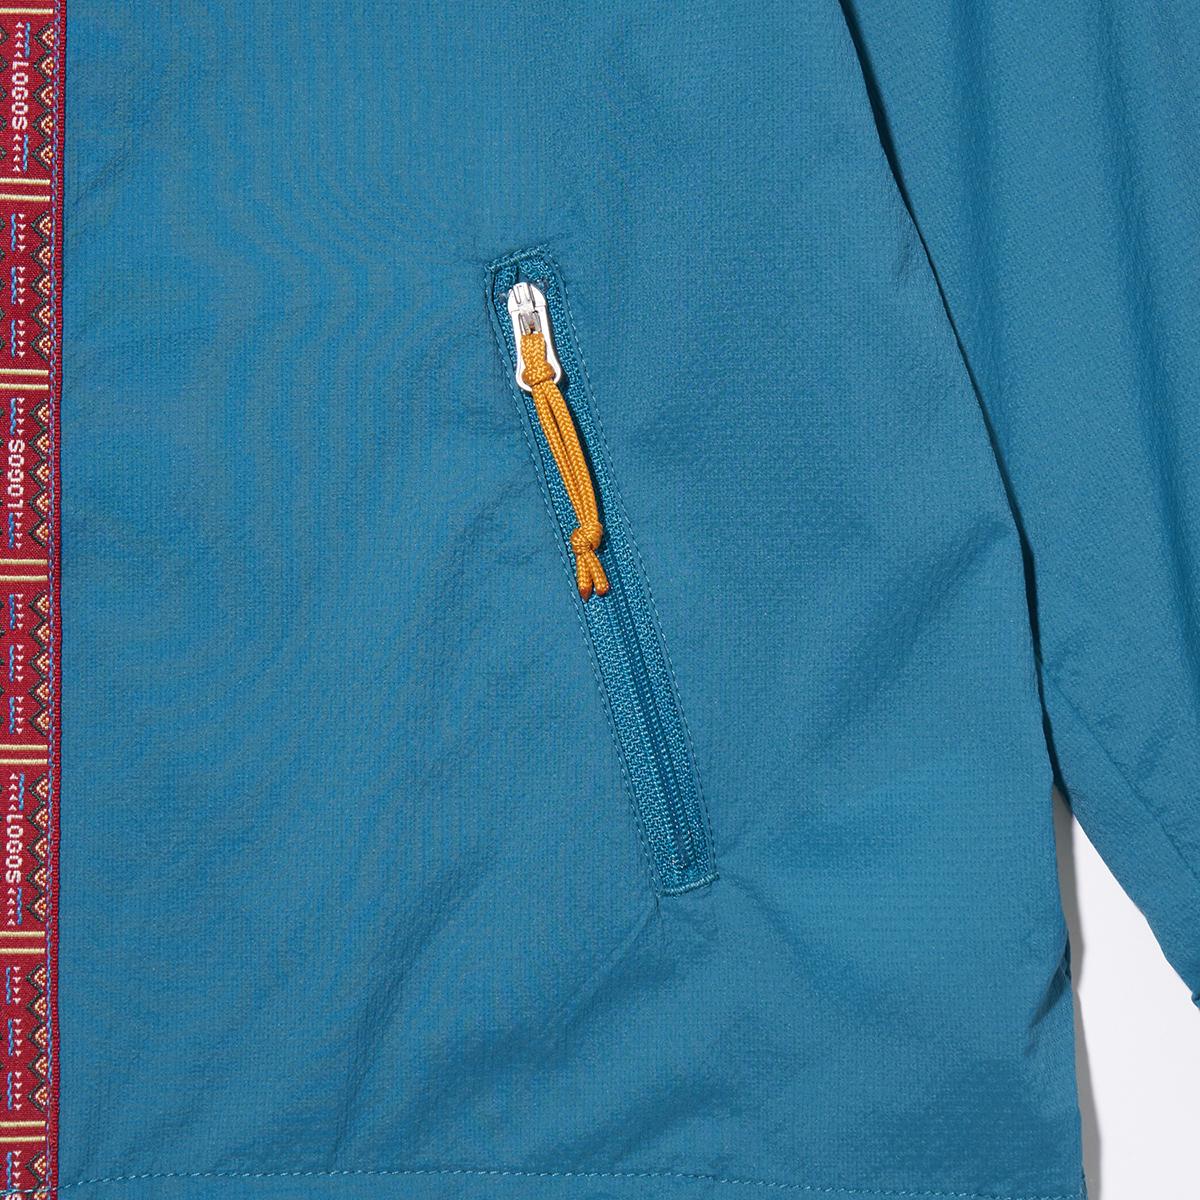 ジッパー付きのポケットを左右に配置